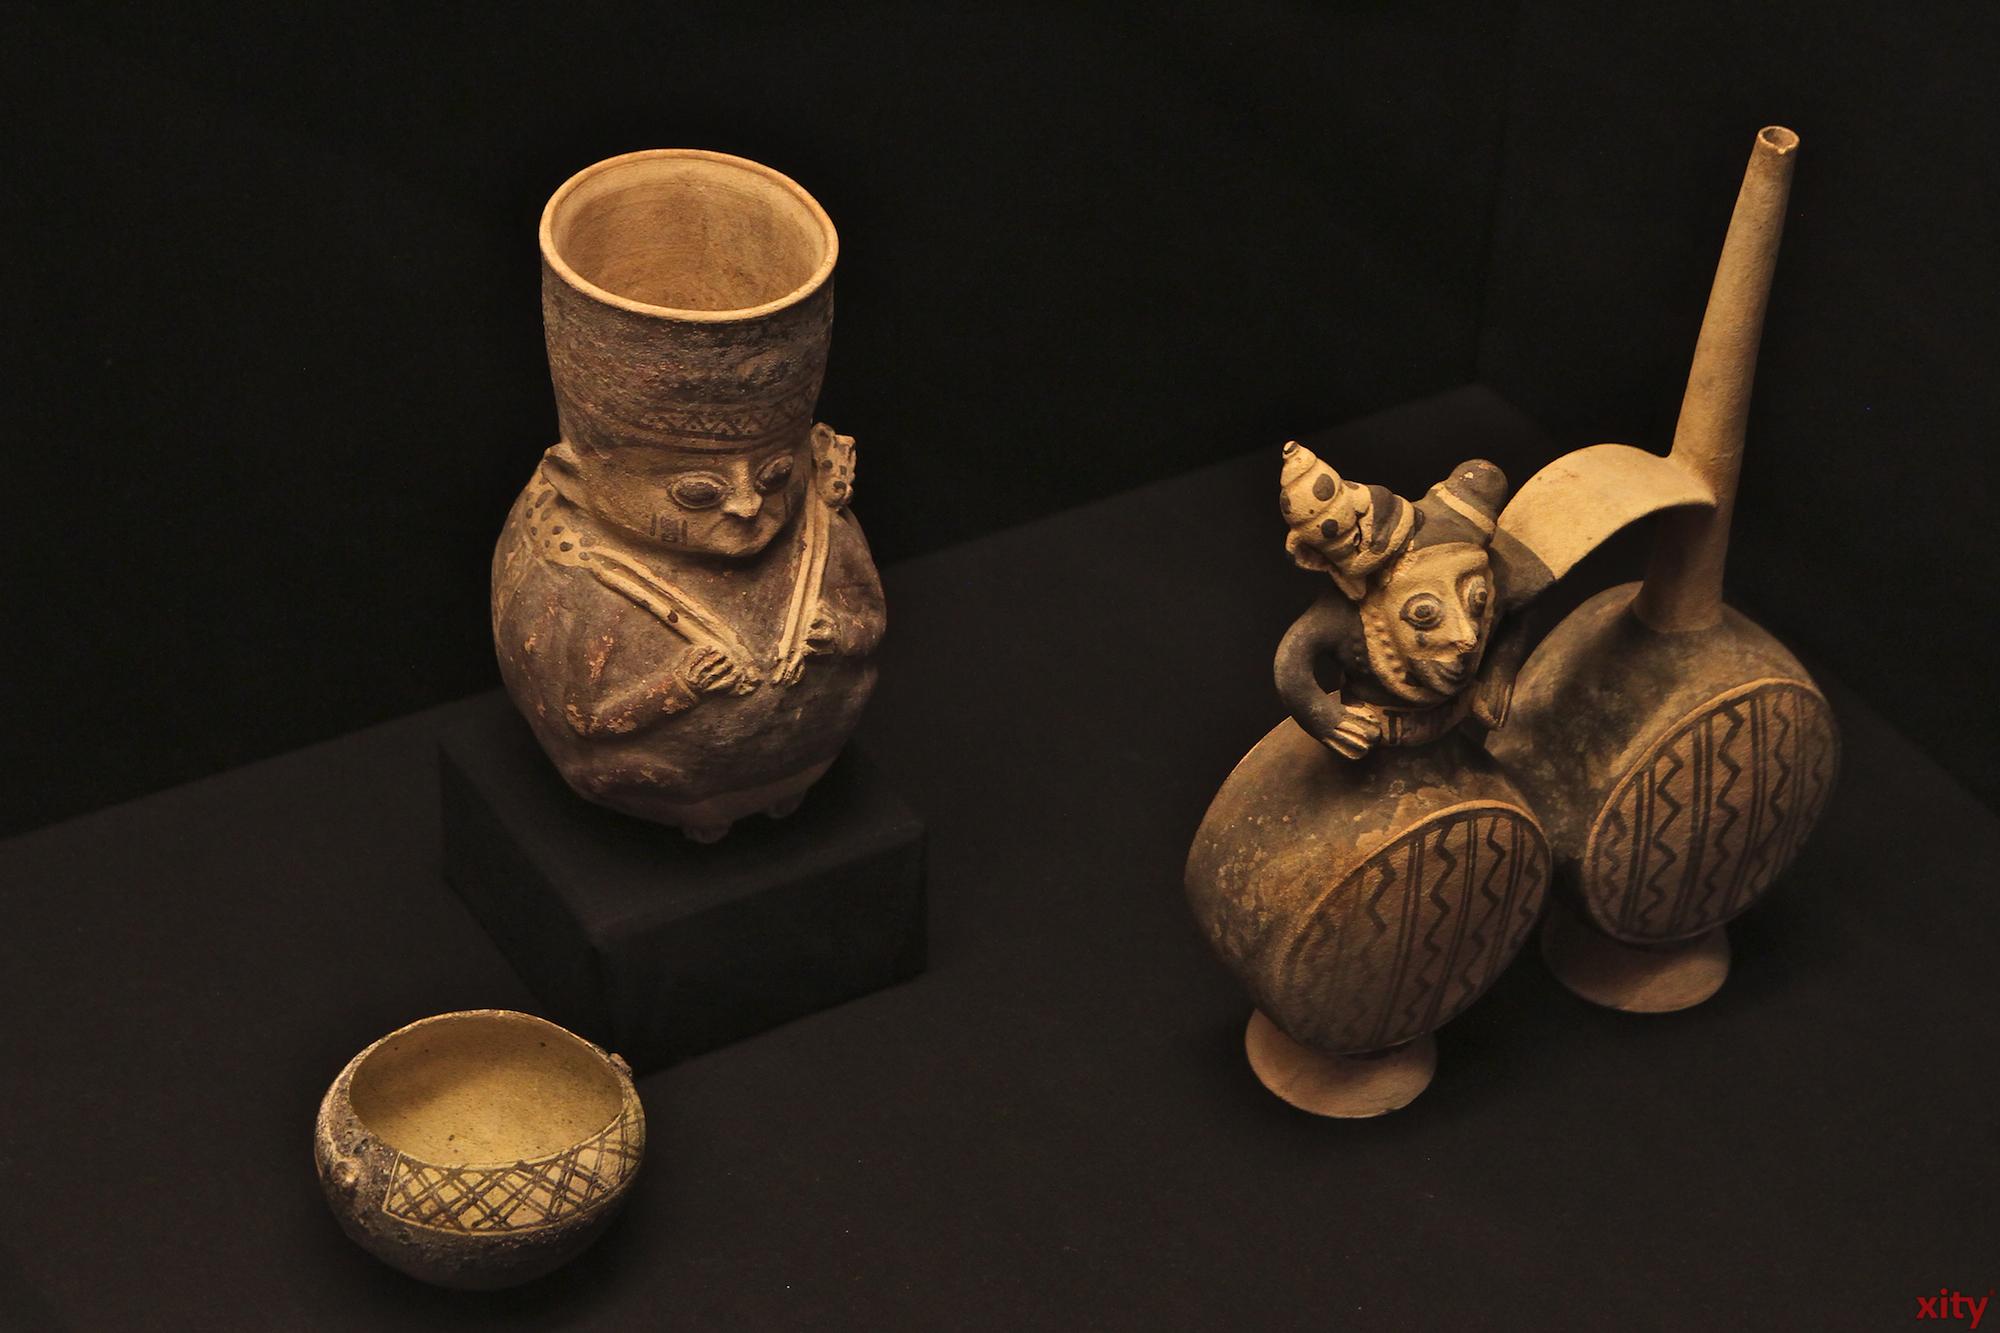 Die Keramikkunst bietet bis heute Einblicke in den Alltag der Schamanenkultur (Foto: xity)